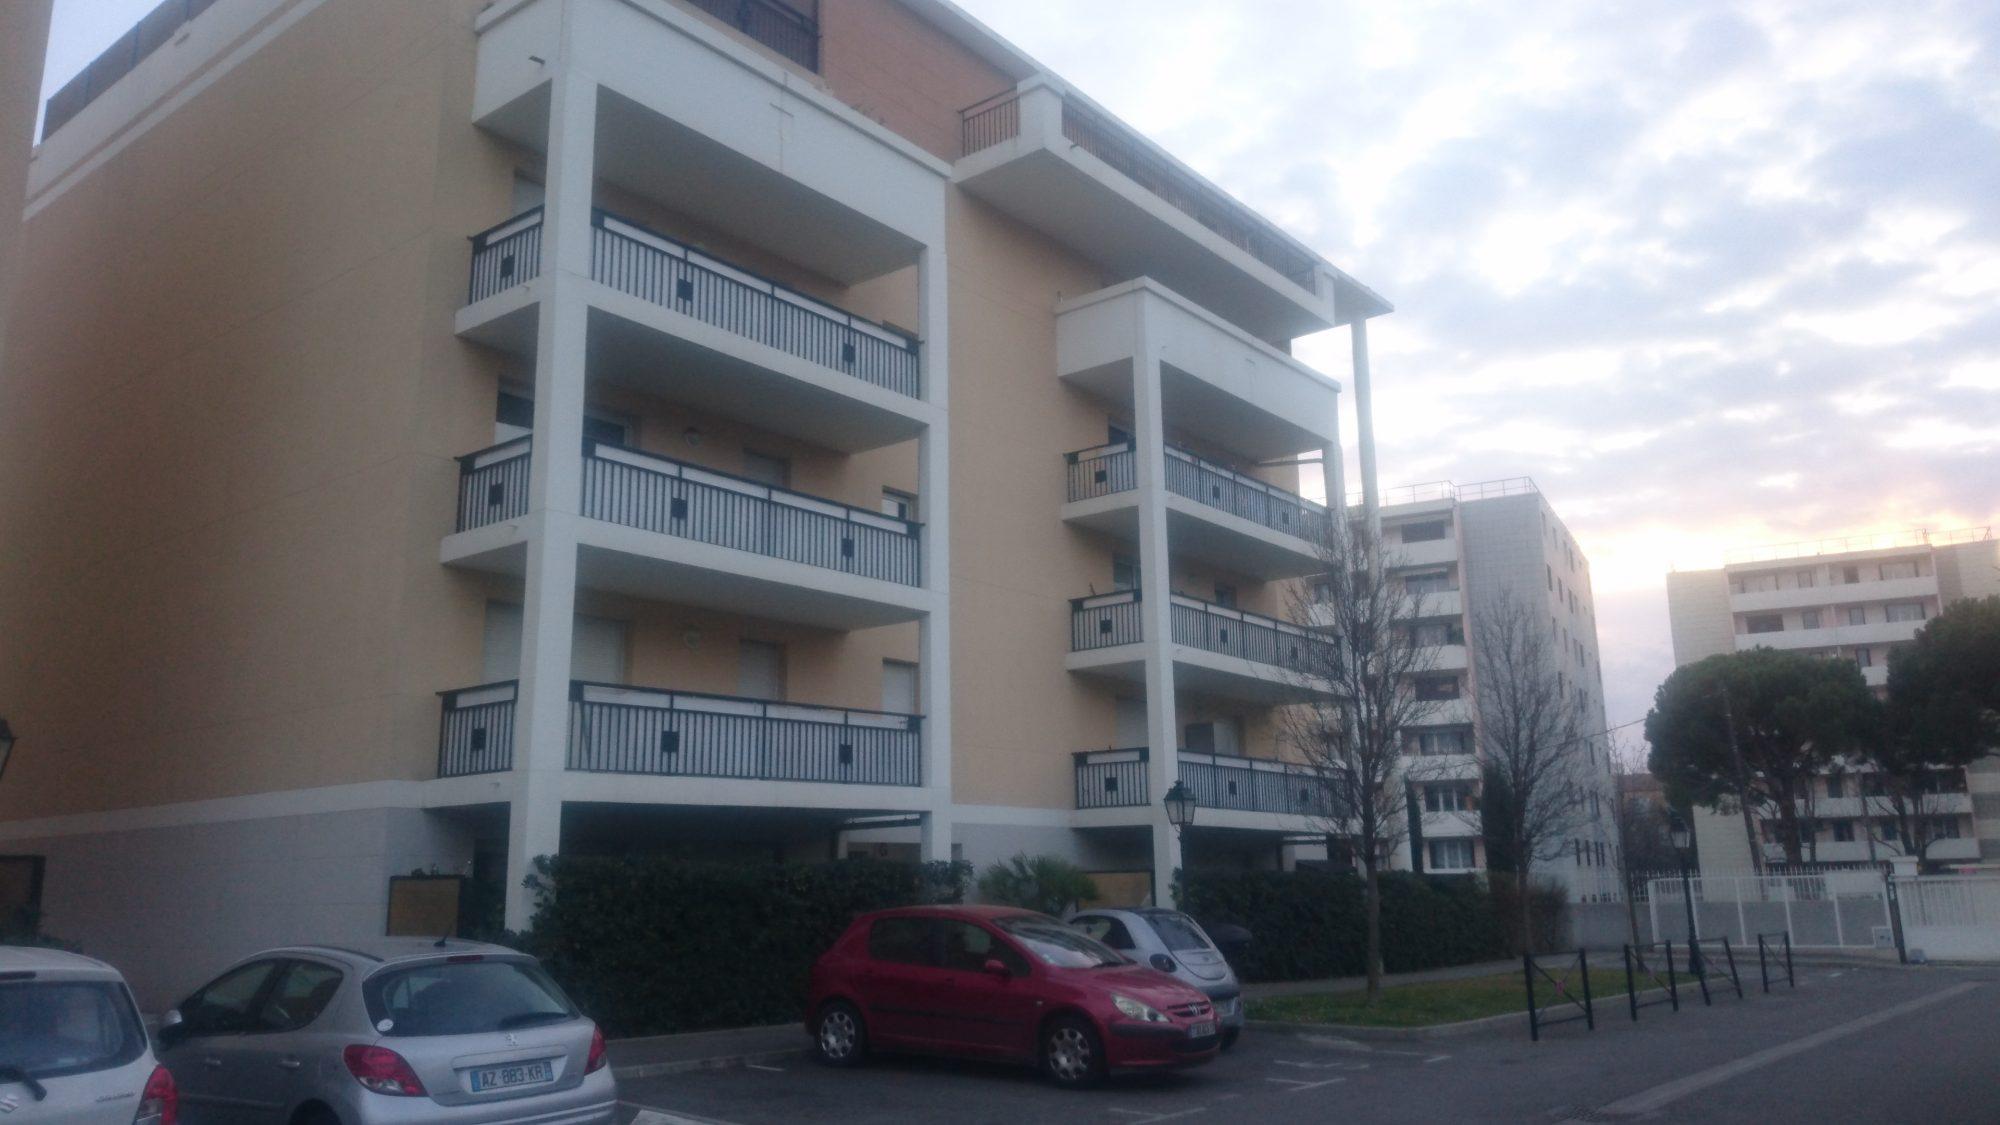 T2 hamadryades marseille cabinet pellegrin marseille for Marseille appartement